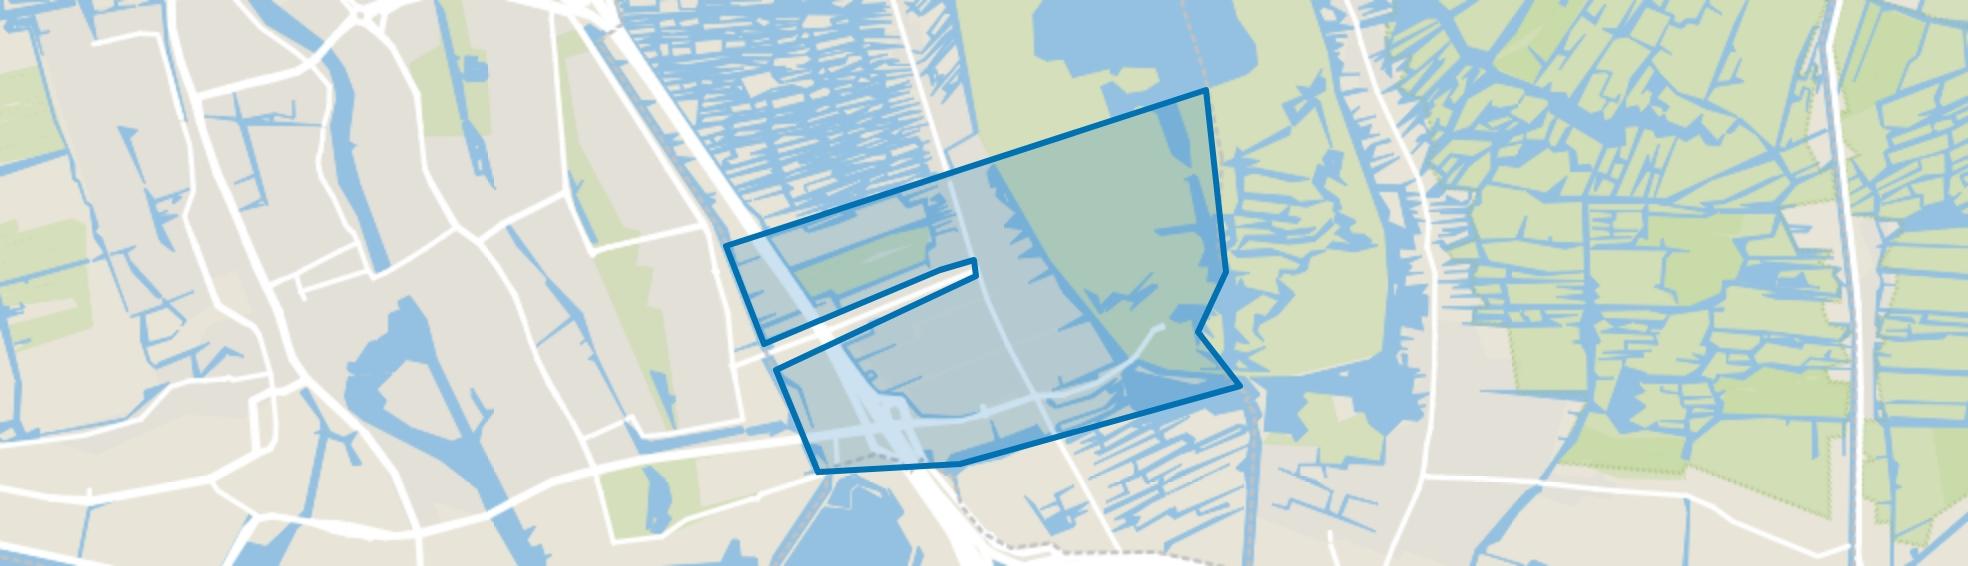 Kerkbuurt, Oostzaan map